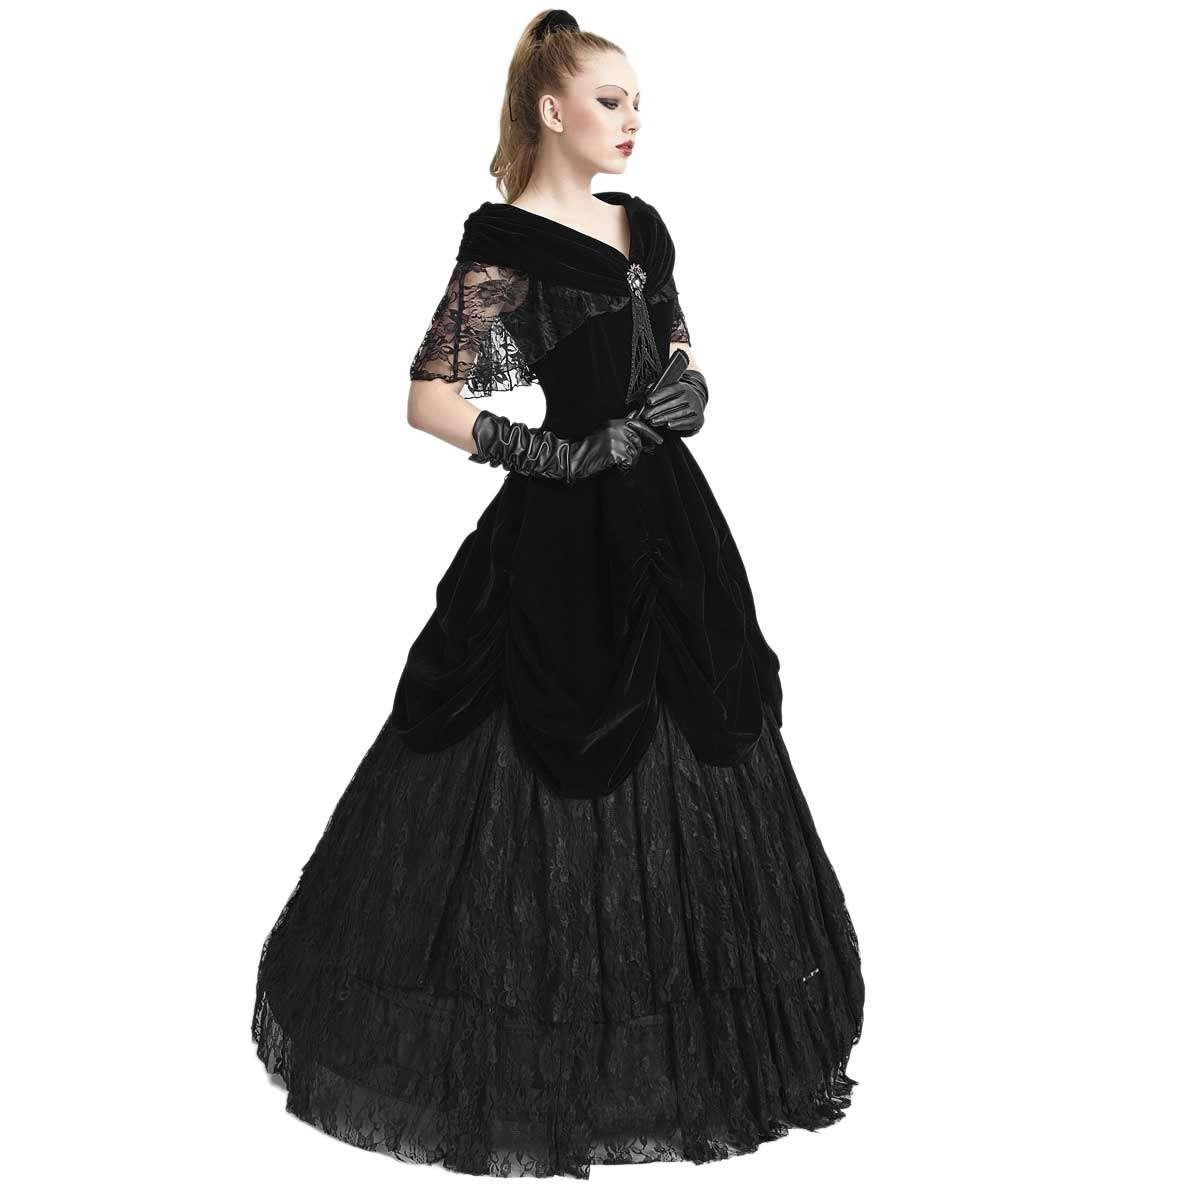 Viktorianisches Ballkleid aus Samt und Spitze | VOODOOMANIACS